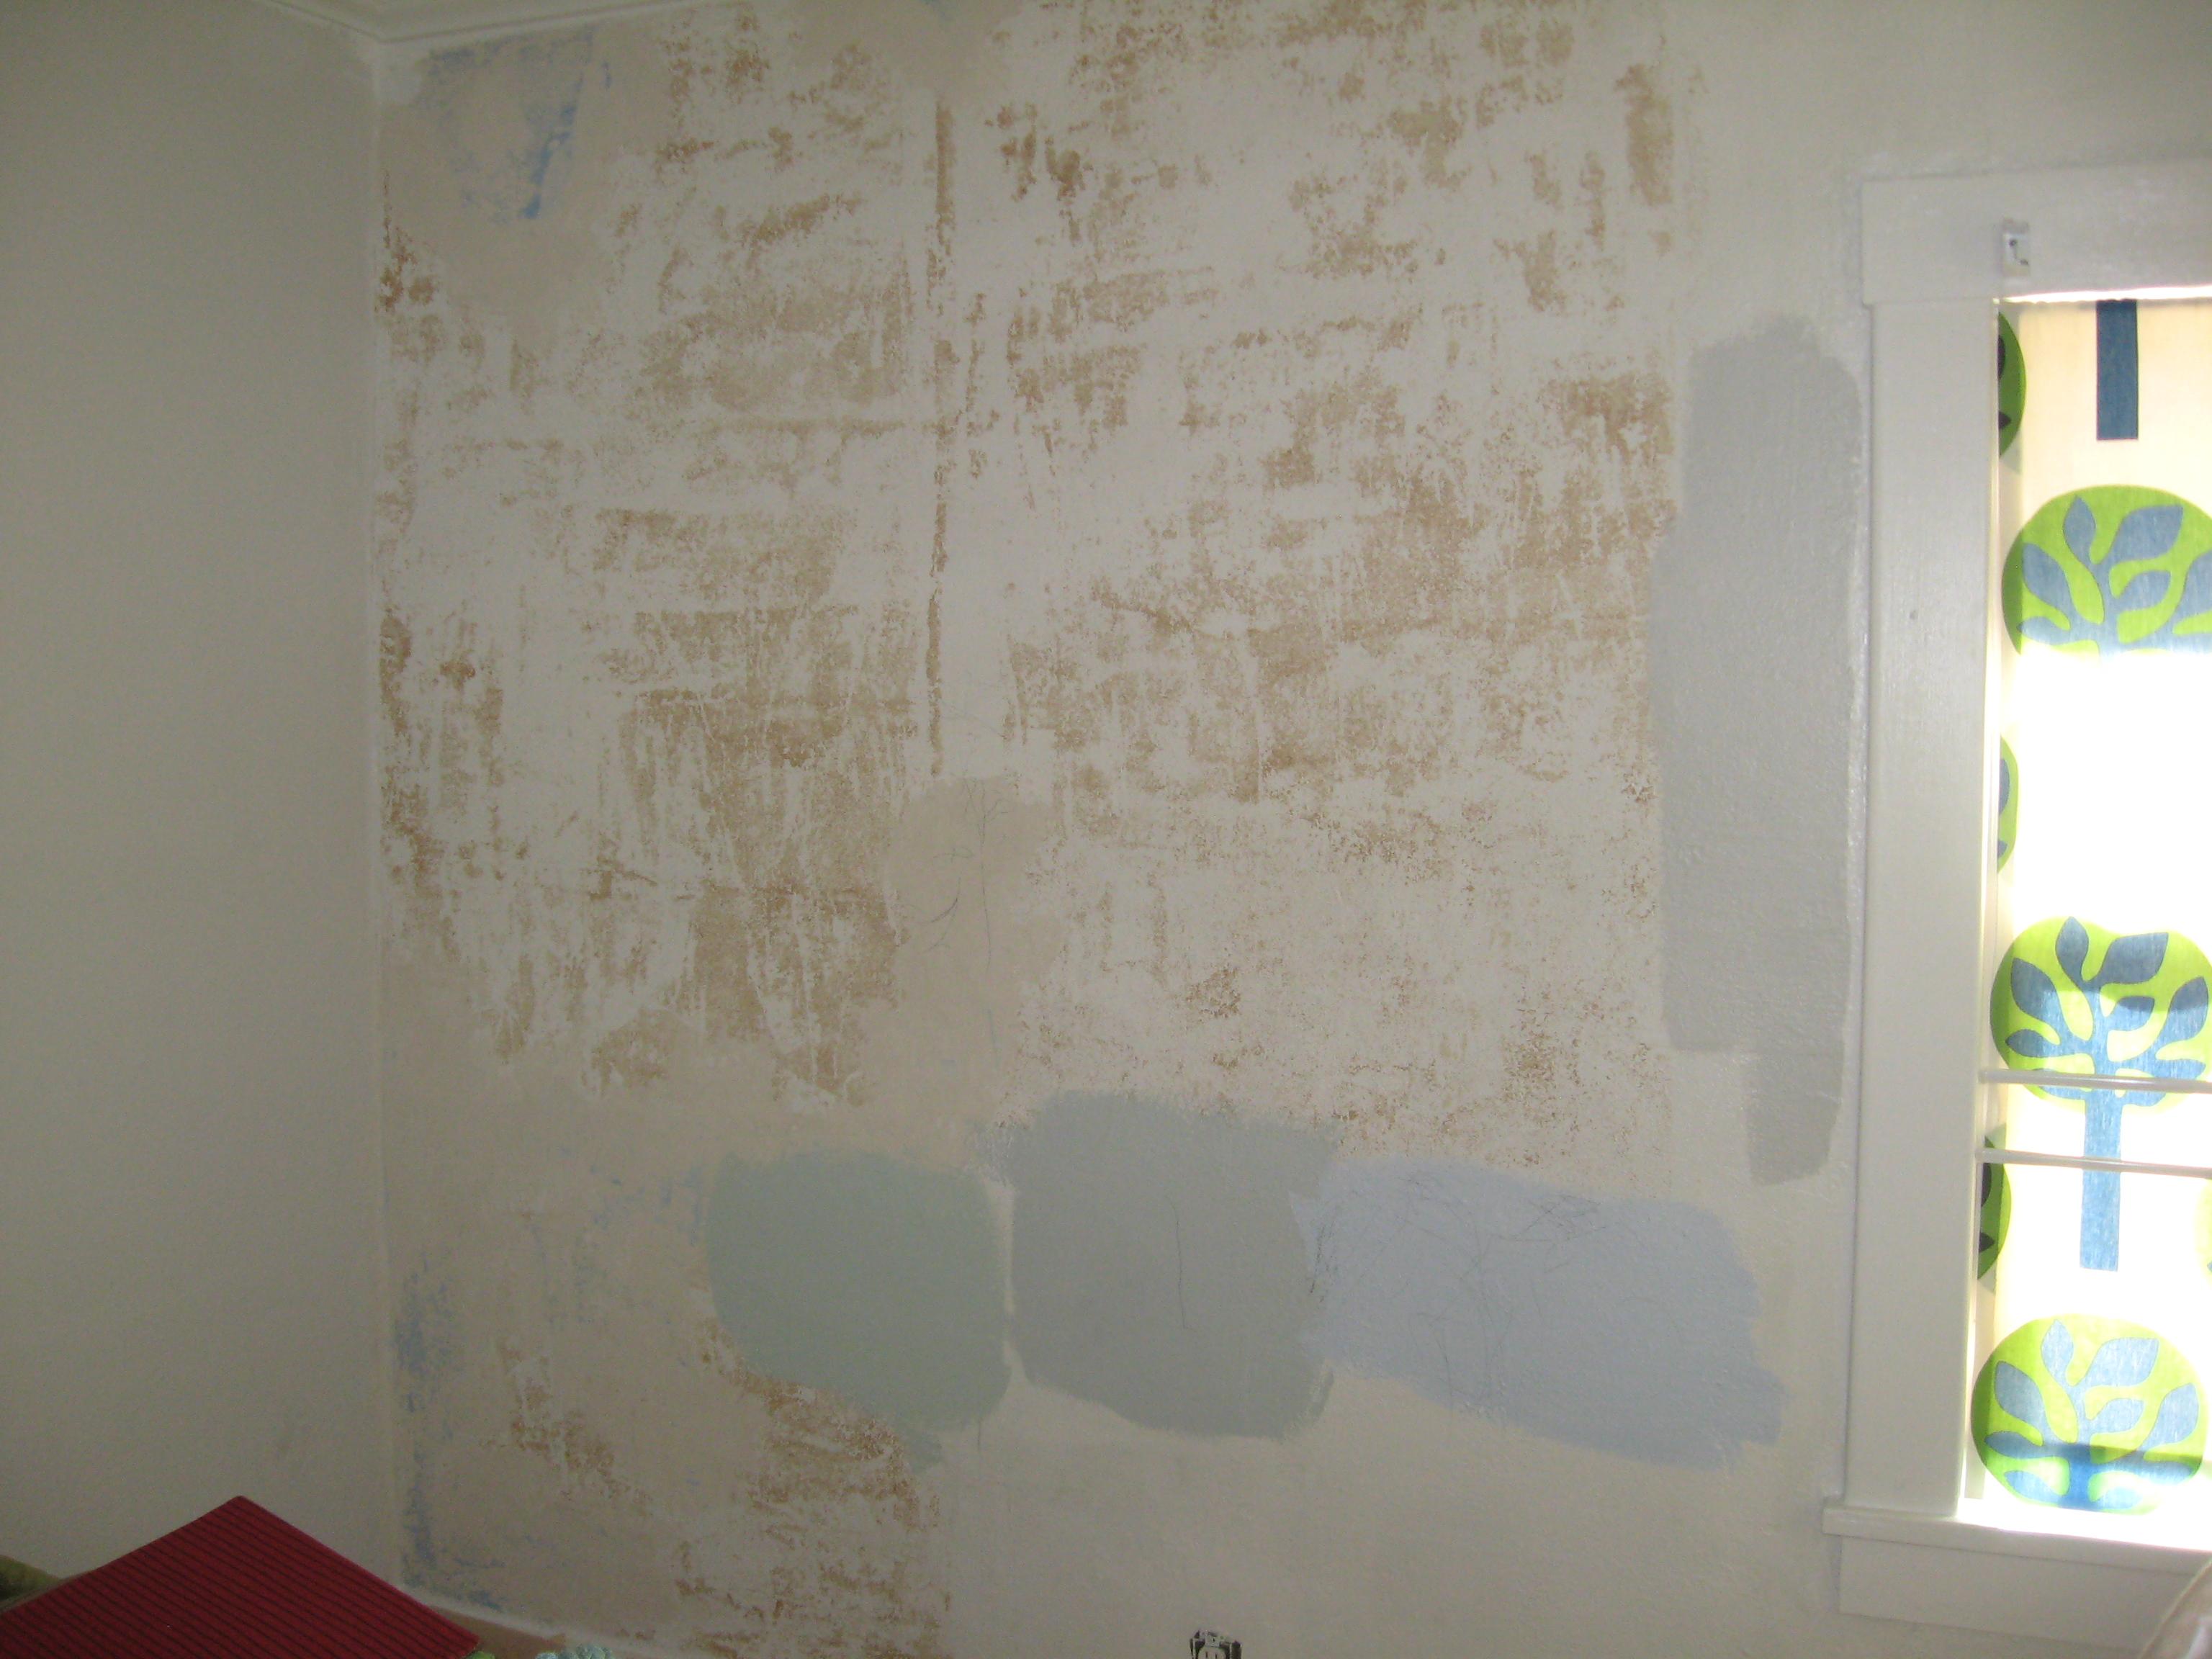 wallpaper remover 3072x2304